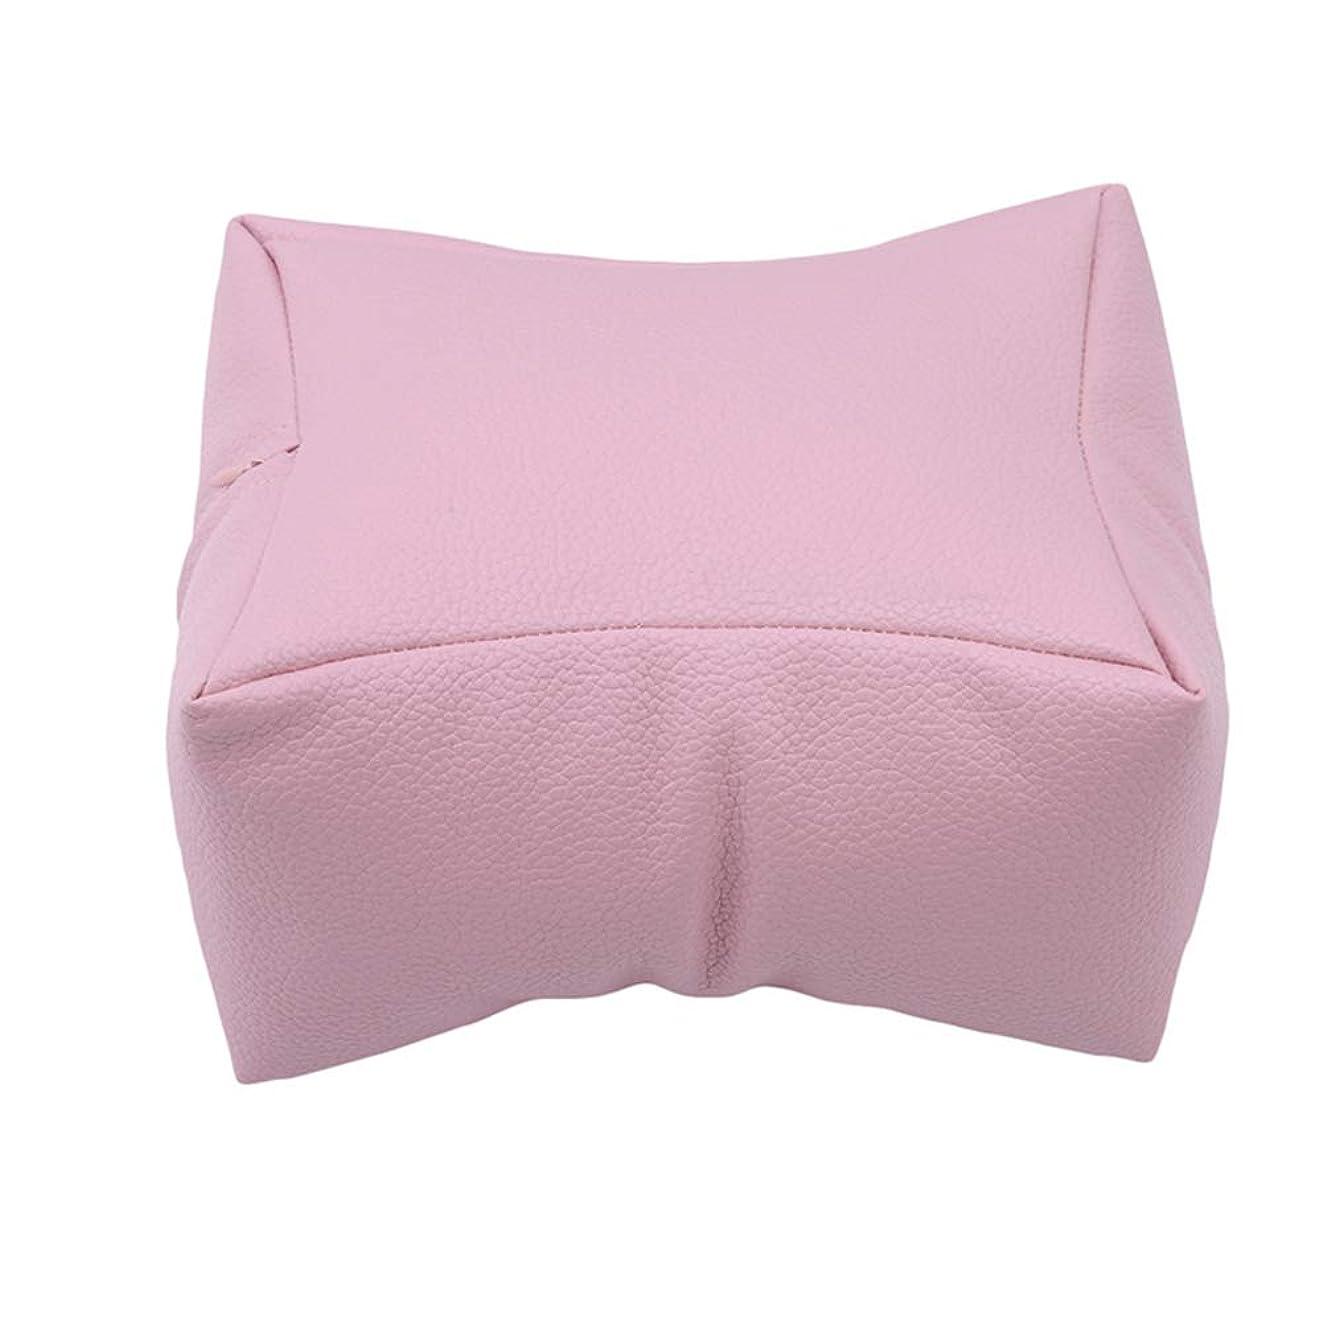 ナチュラル舌アーサーコナンドイルNoonlity 枕 ハンド枕 腕枕 腕置き 手の枕 柔らかい ジェルネイルまくら 練習用にも,ピンク